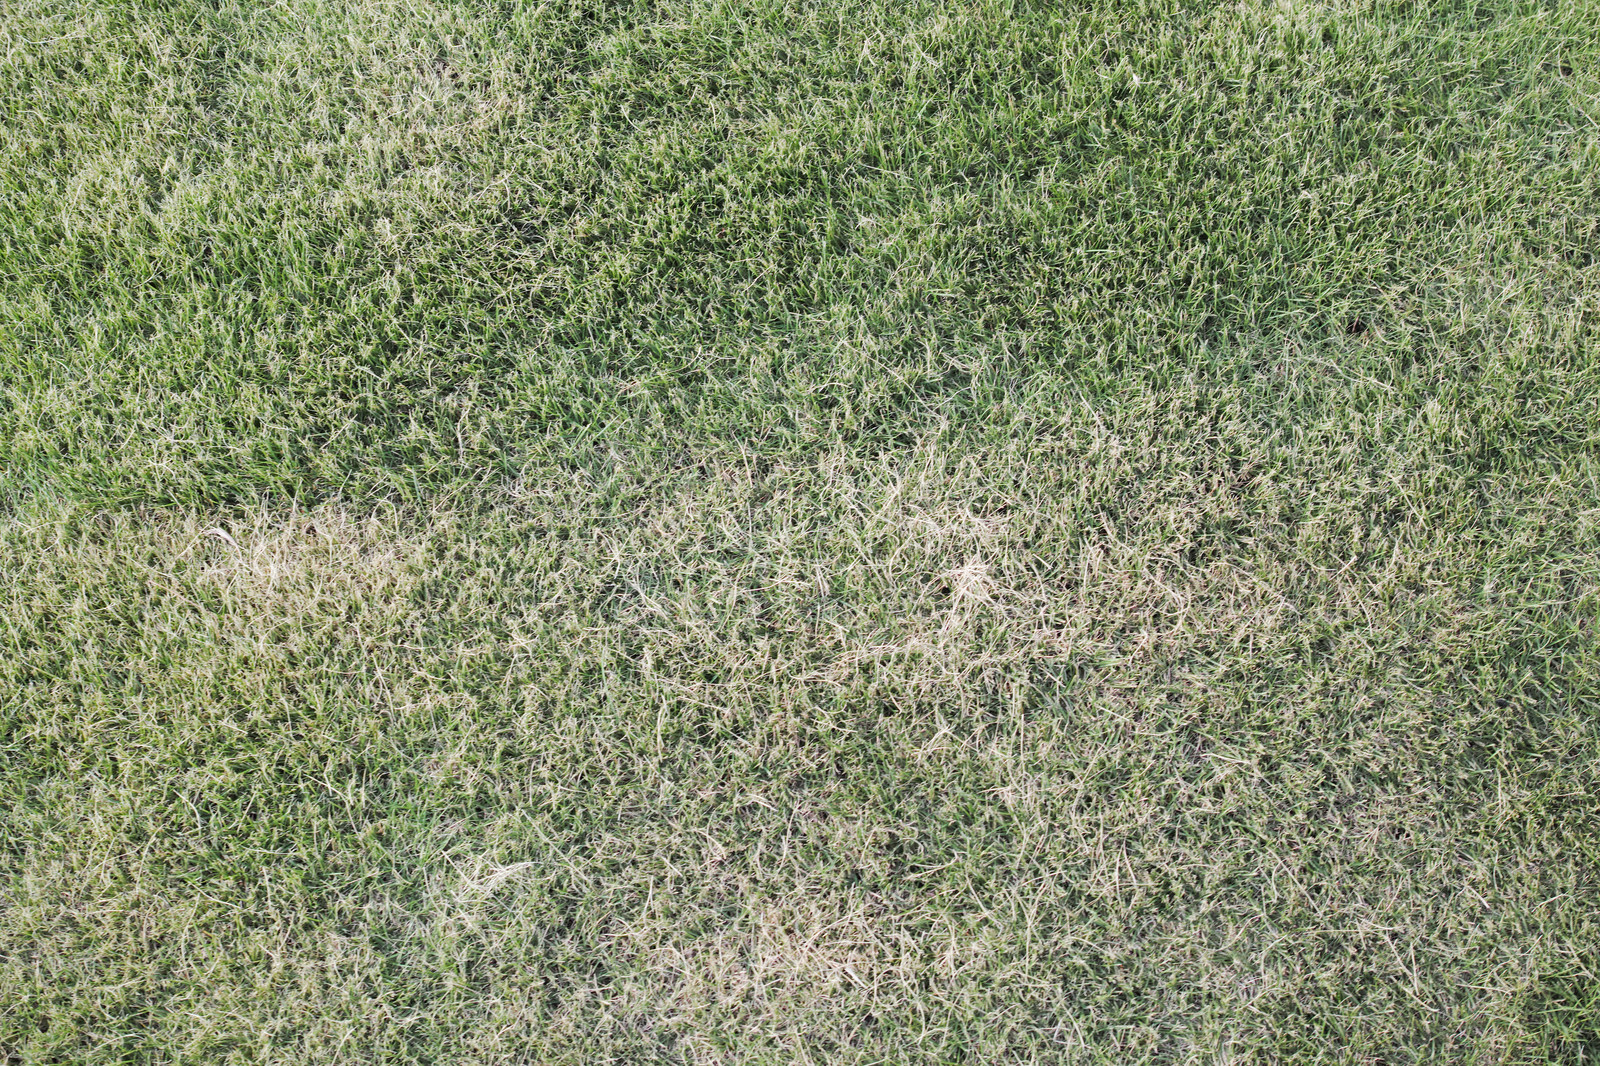 「芝生のテクスチャ」の写真